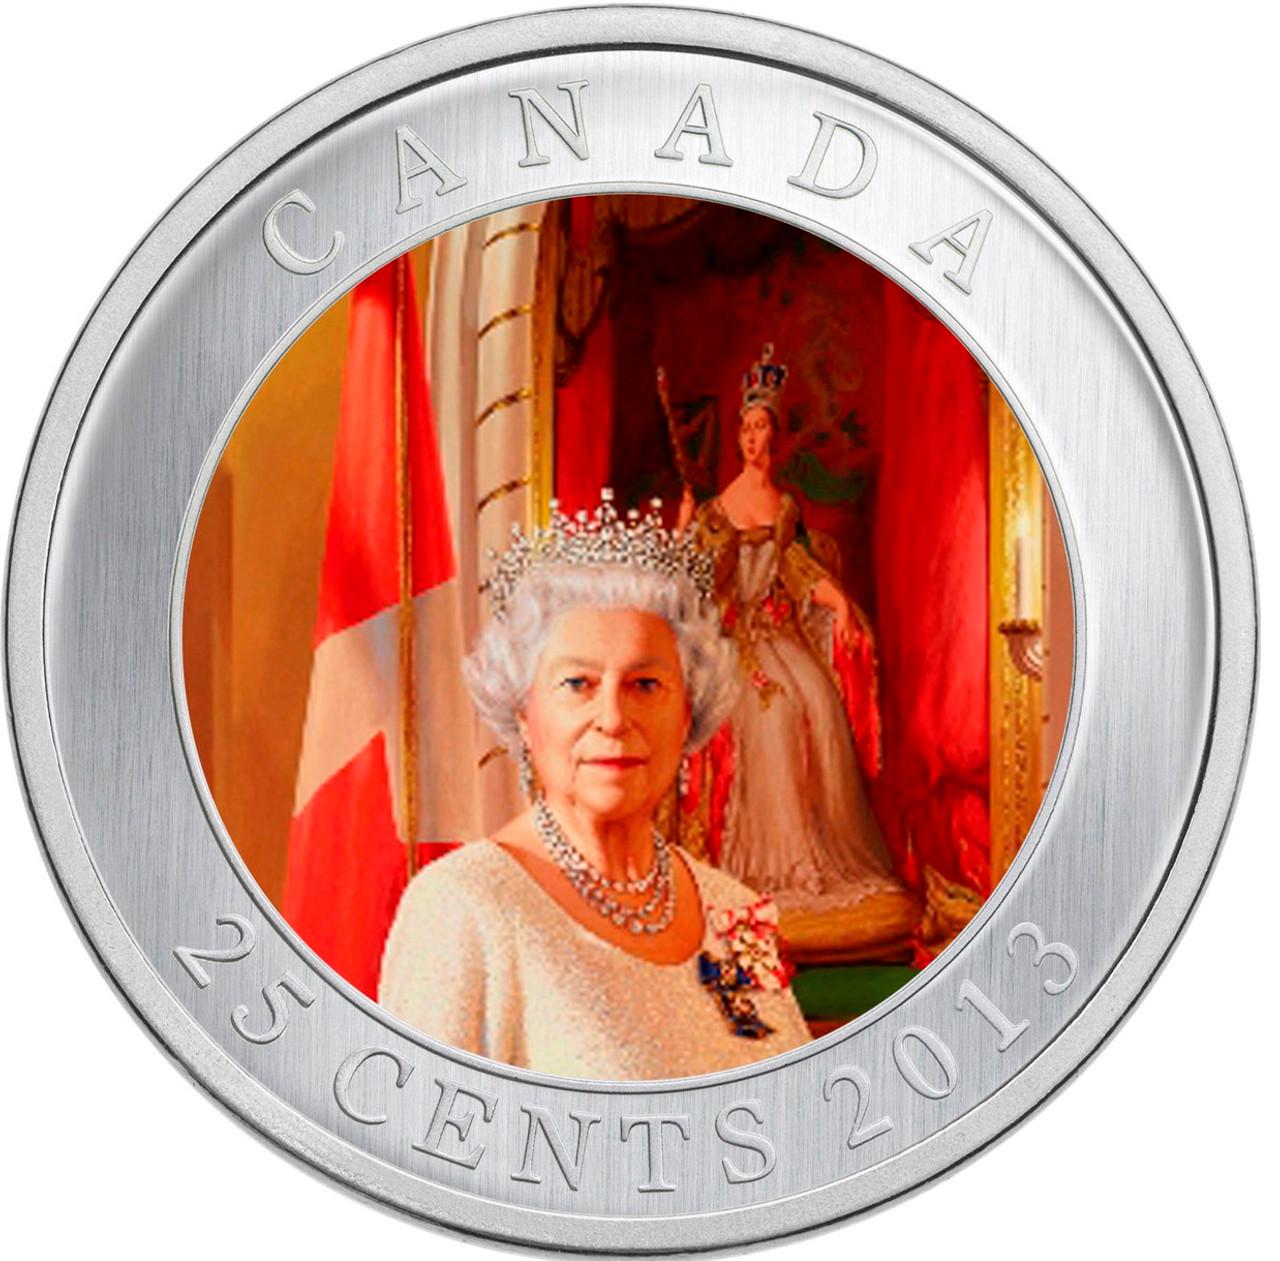 HM Queen Elizabeth II Coronation 1953-2013 Collectors Coin In Presentation Box